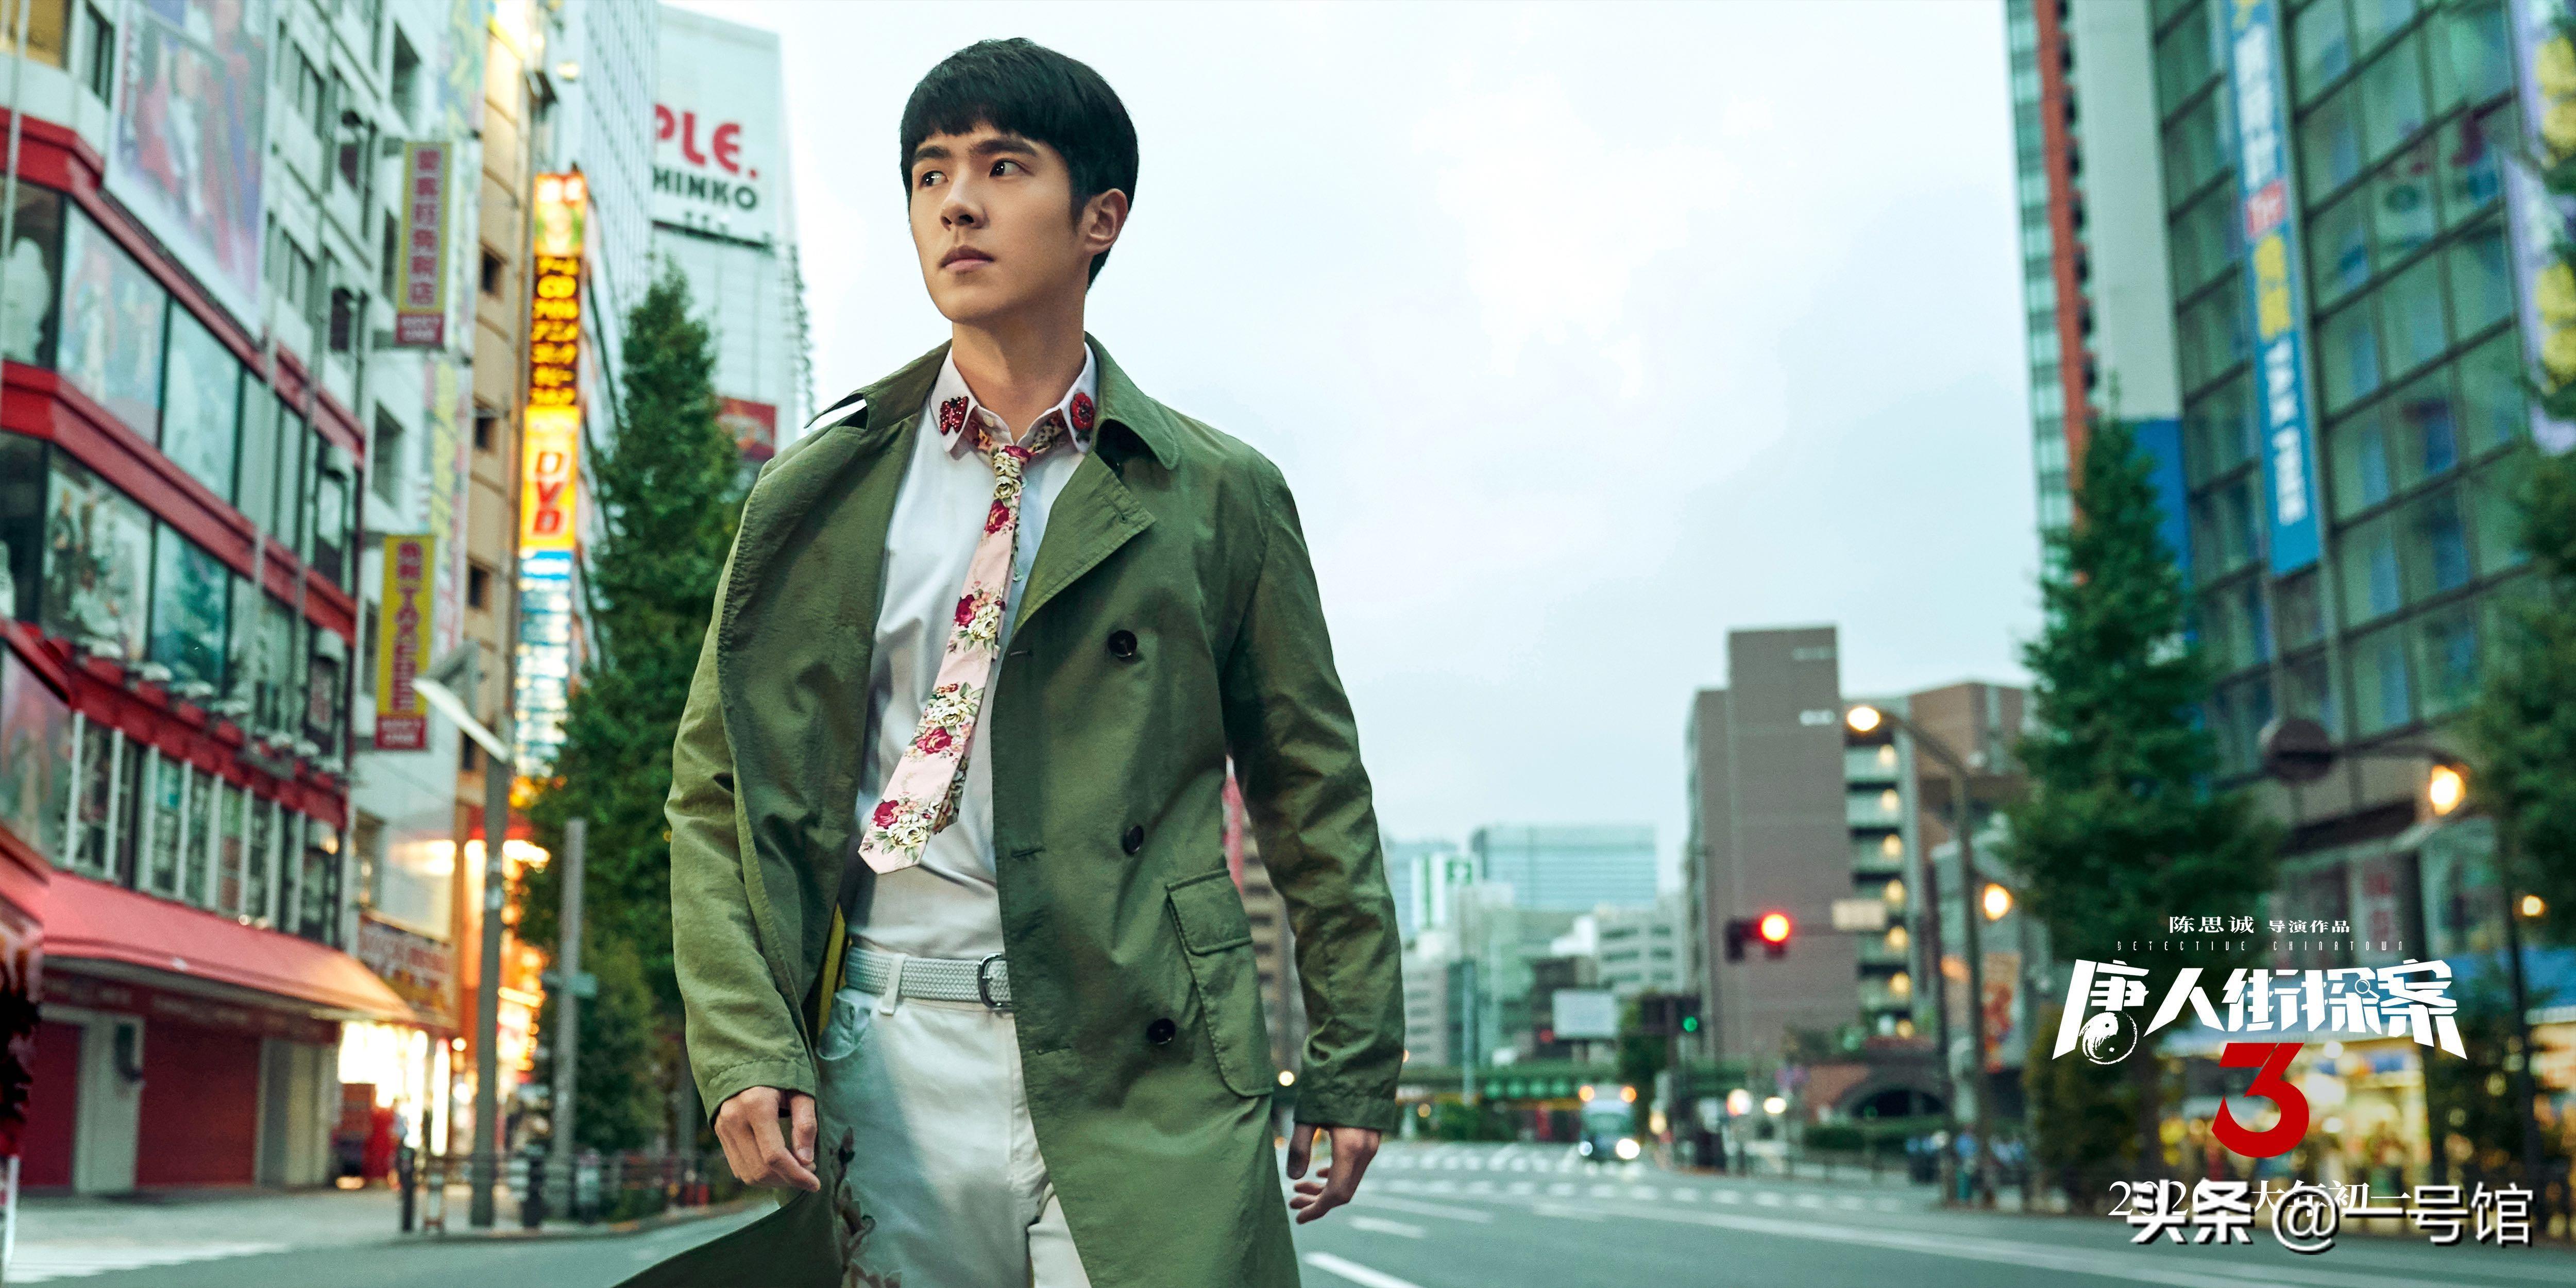 《唐探3》路演现场出状况了,柴犬实力抢镜,看得刘昊然一脸迷茫